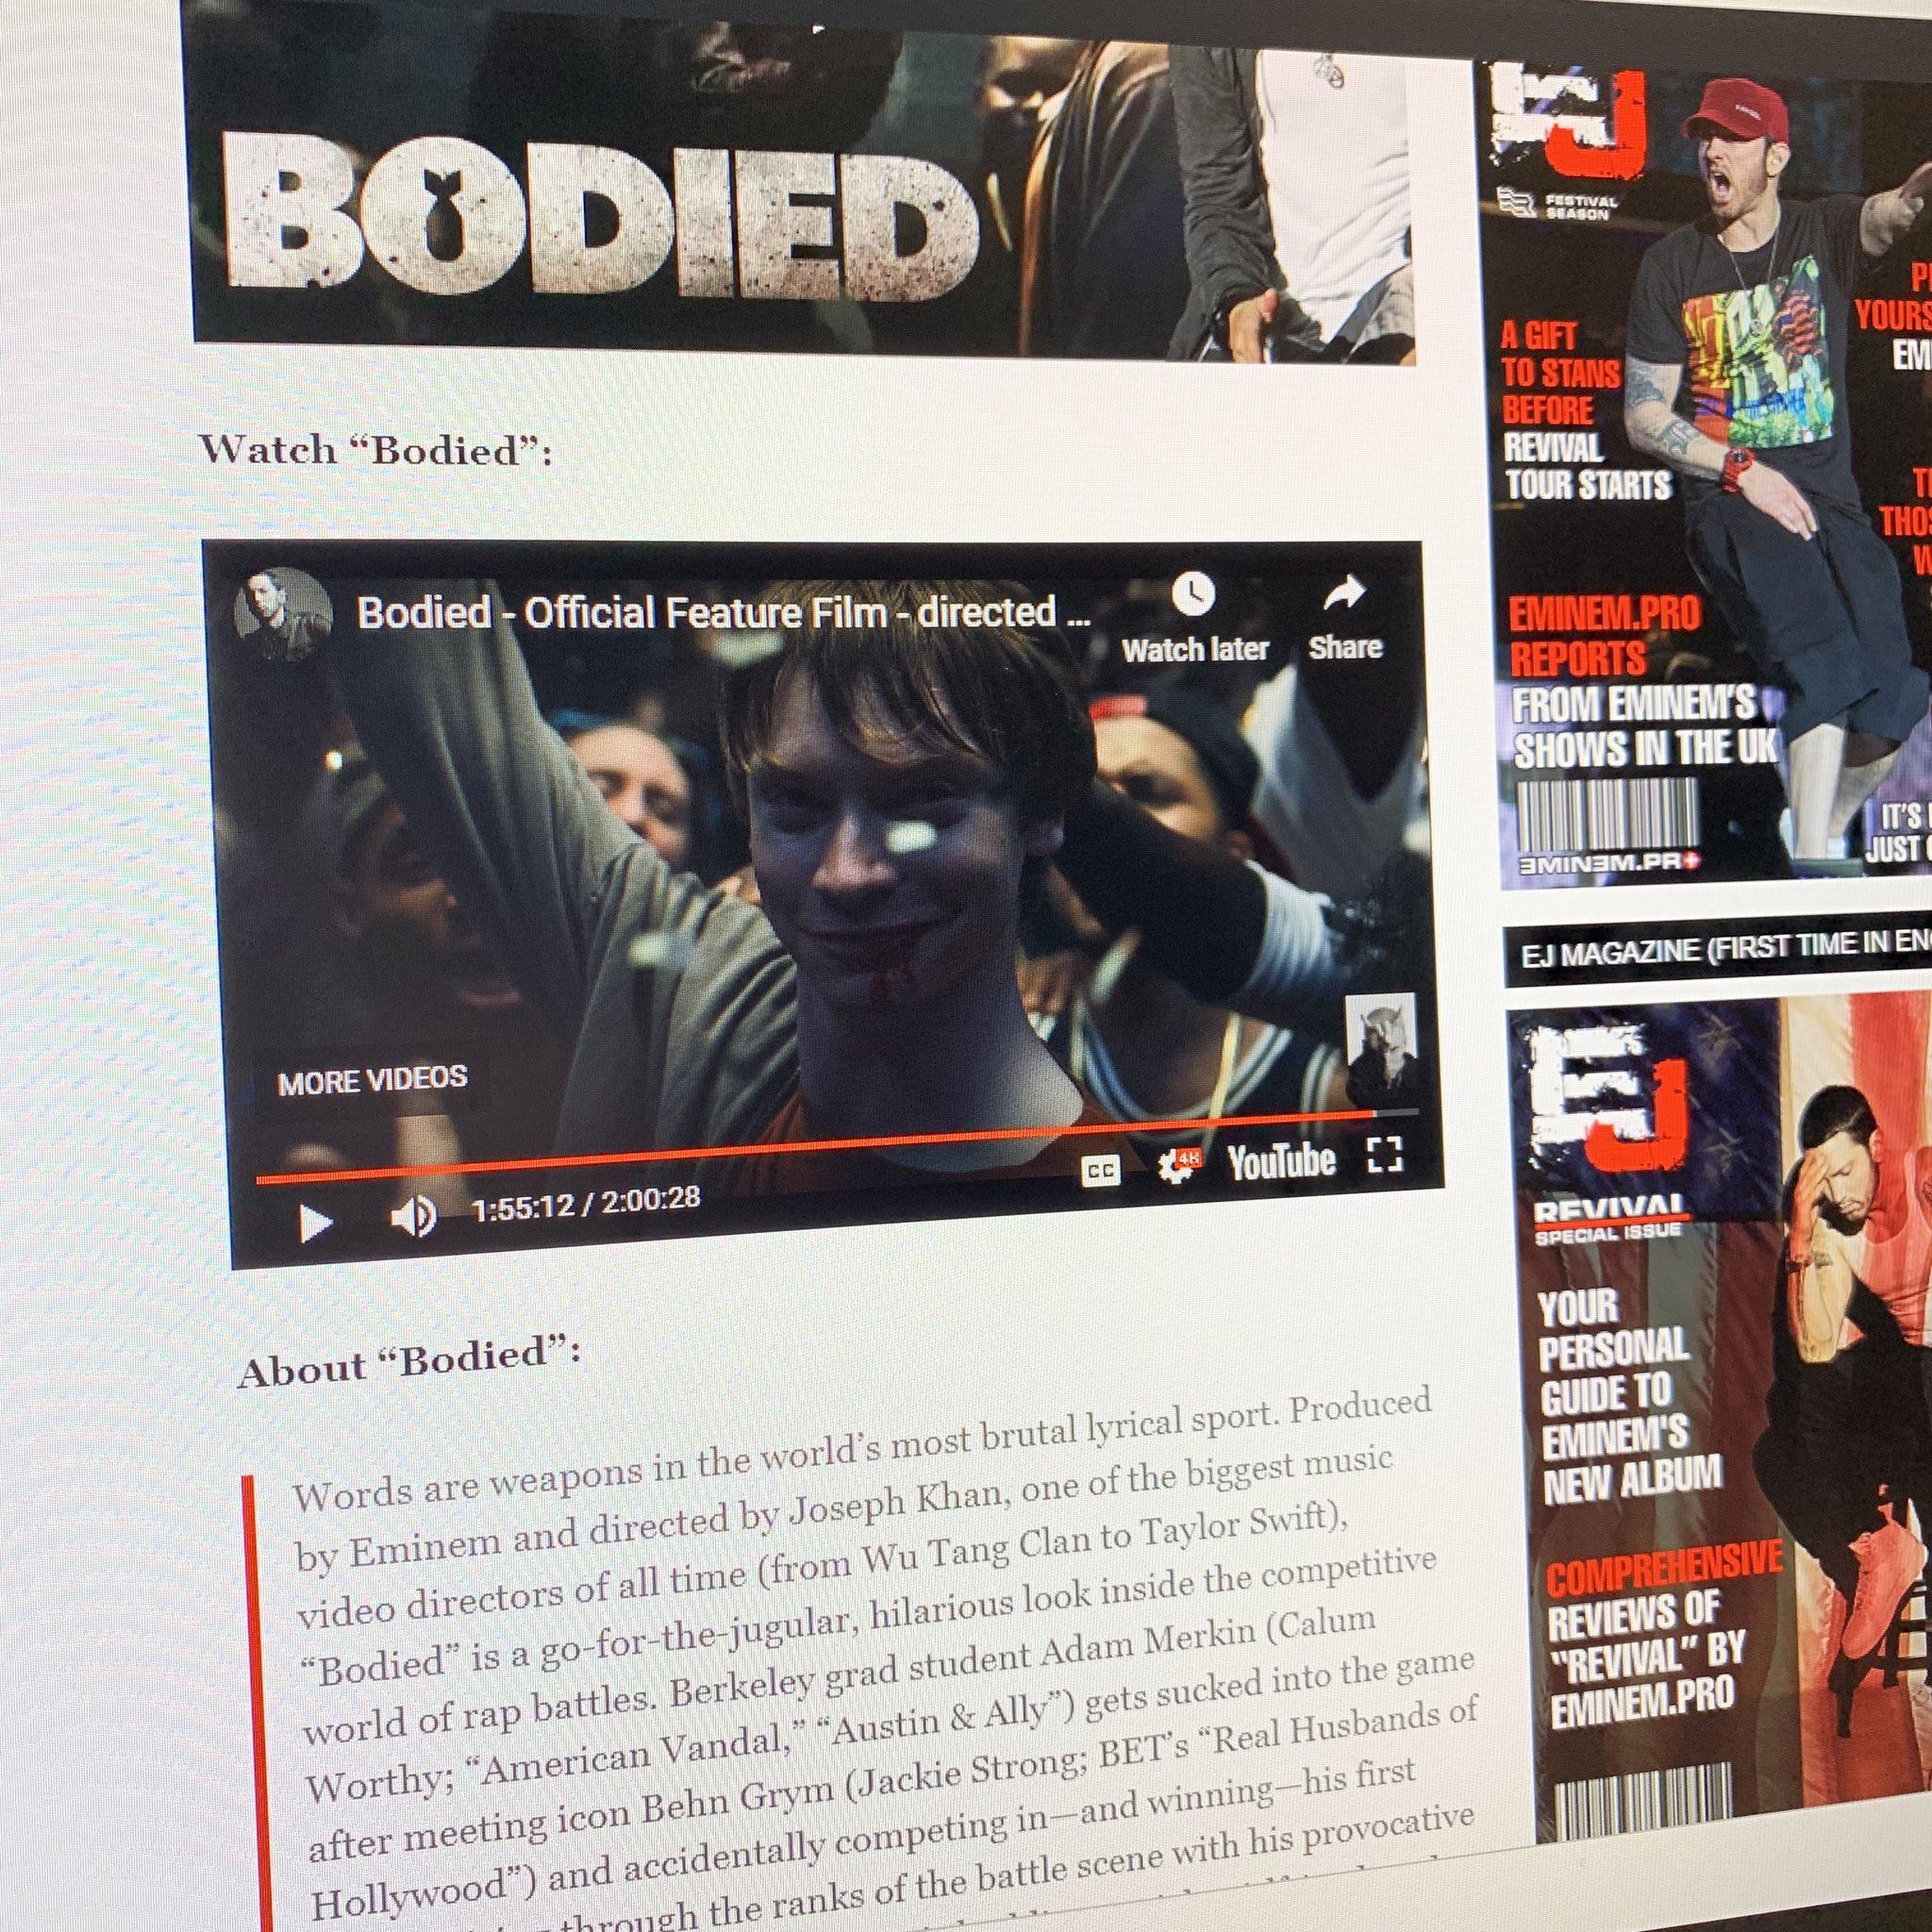 Выйдет ли фильм «Bodied» в России и как посмотреть новинку от Эминема бесплатно и стоит ли её смотреть?